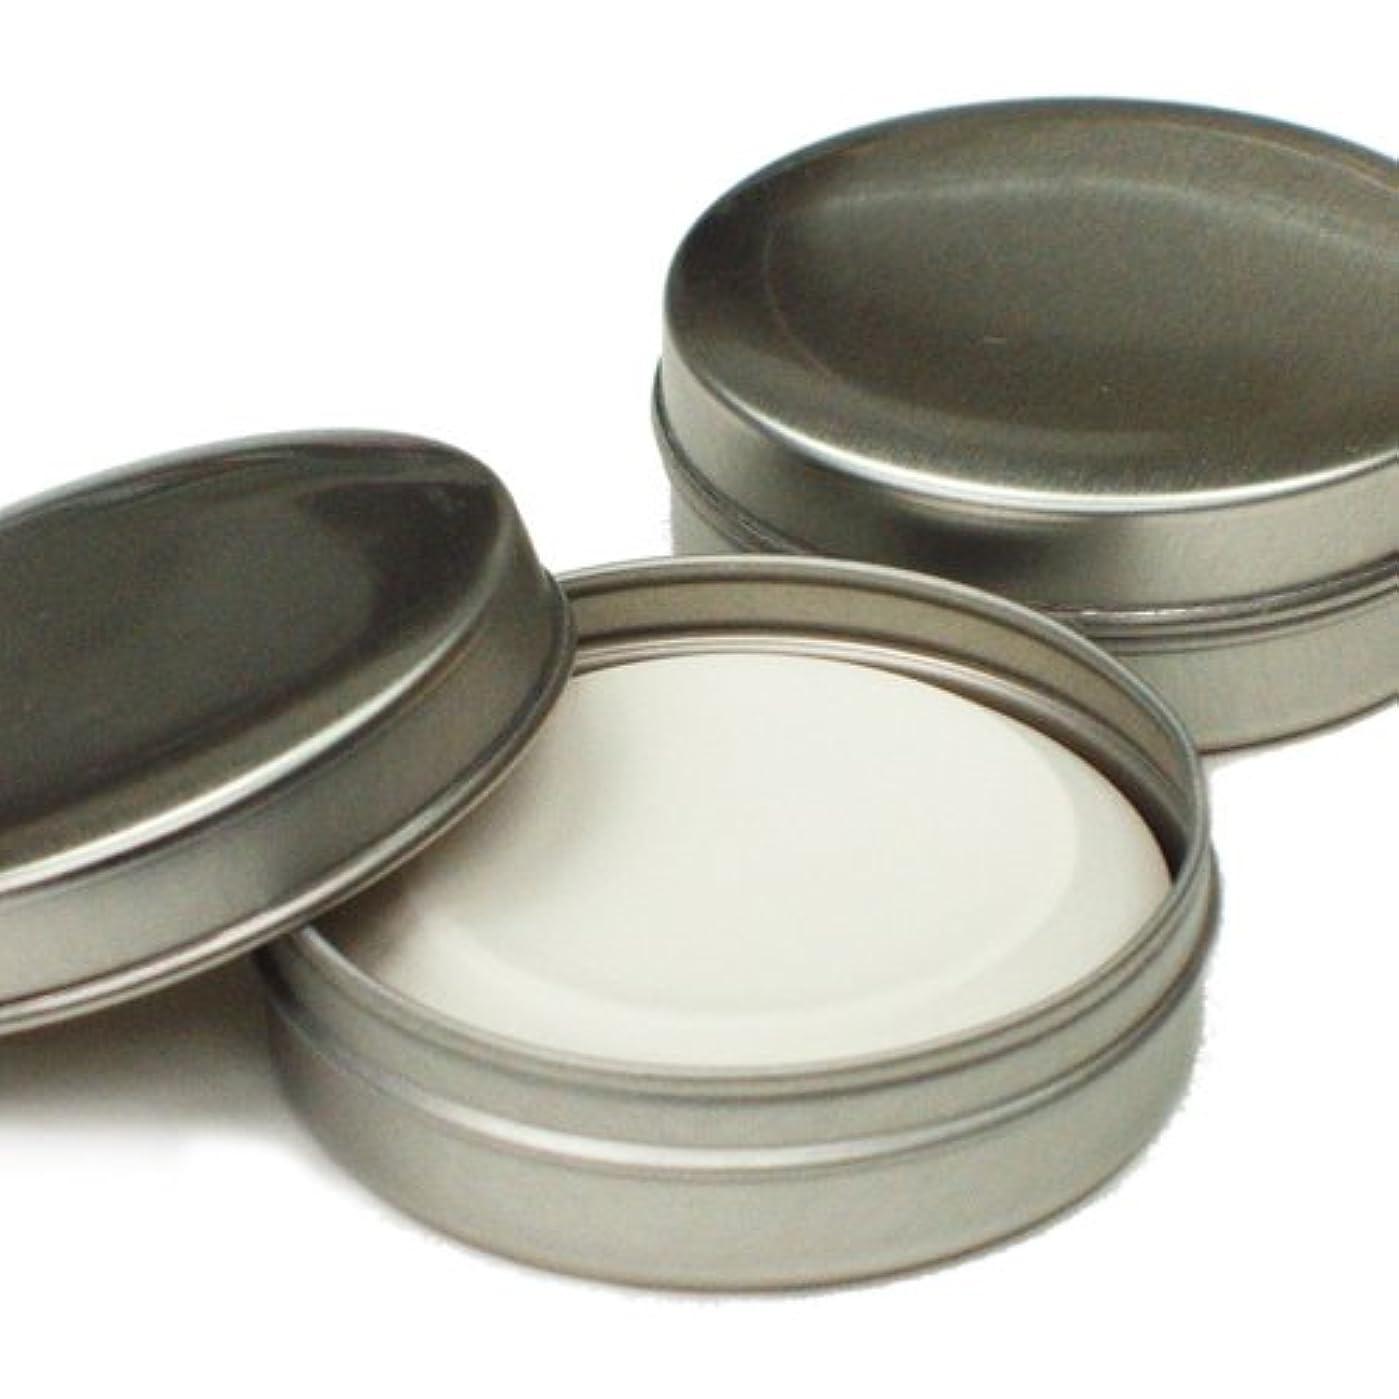 憎しみ帳面トラフィックアロマストーン アロマプレート アルミ缶入 2個セット 日本製 素焼き 陶器 アロマディフューザー